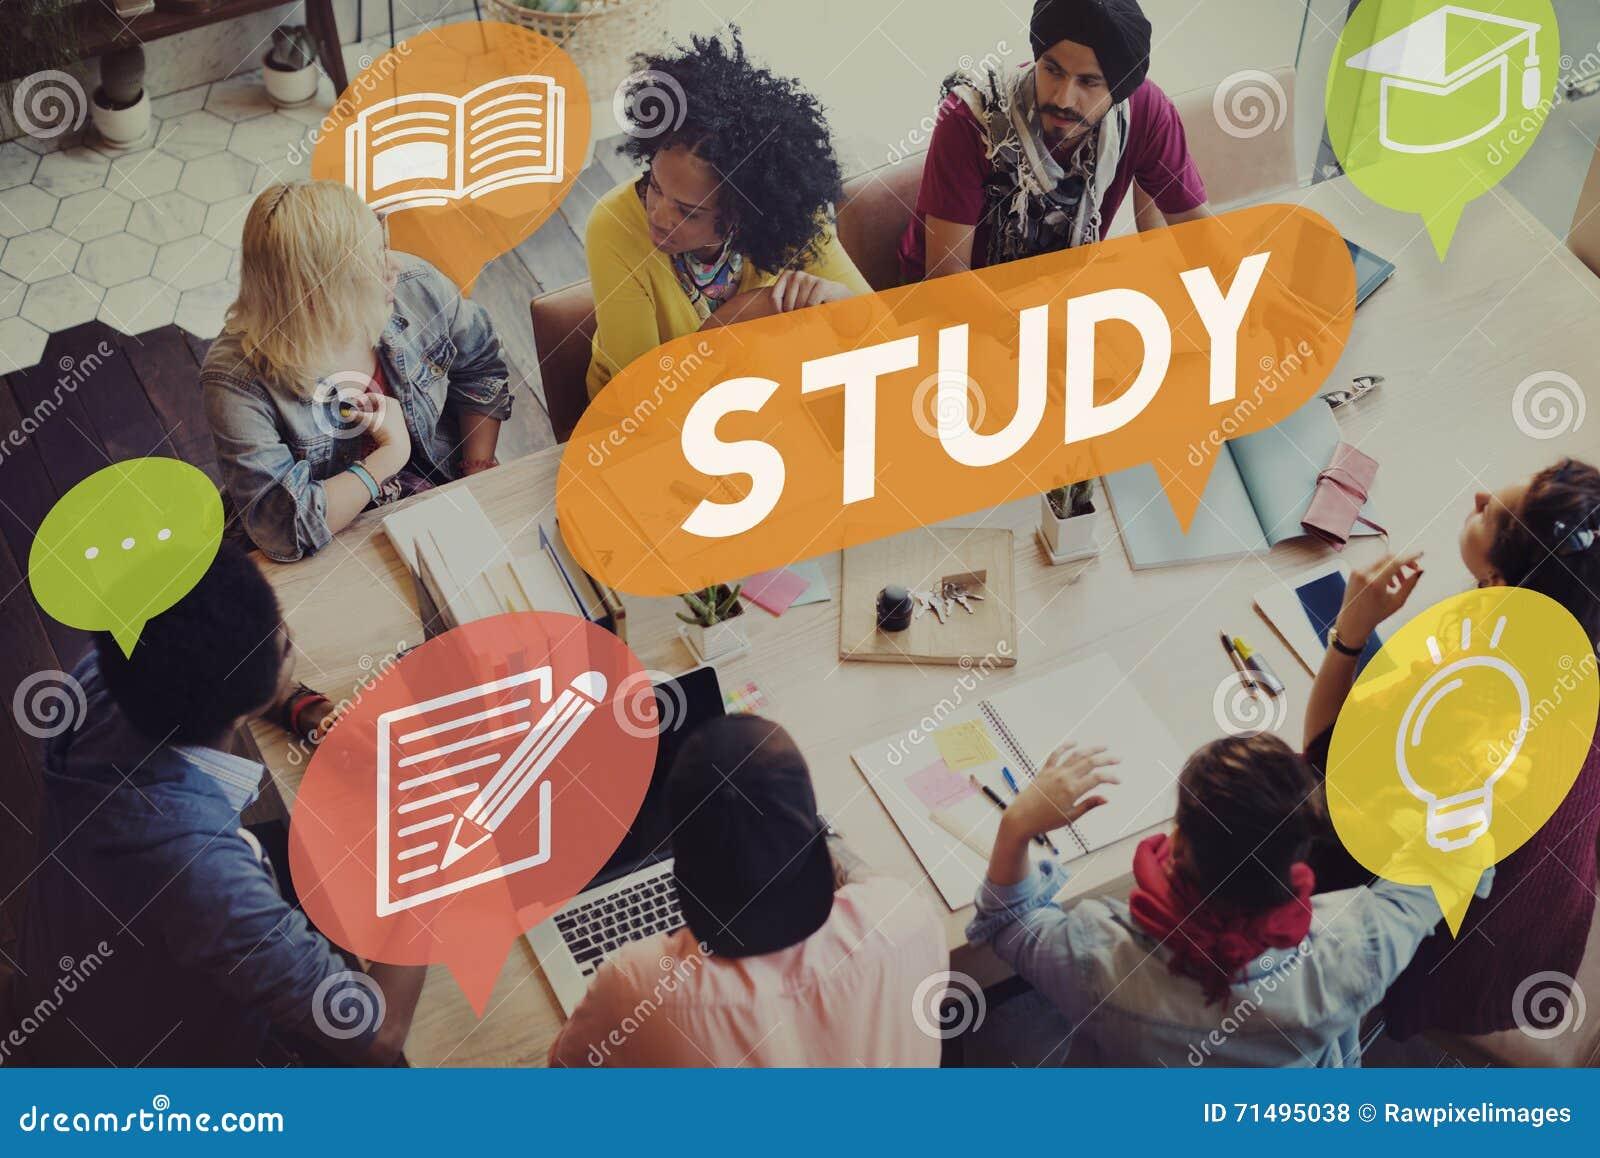 Educación del estudio que aprende concepto de la penetración de la mejora